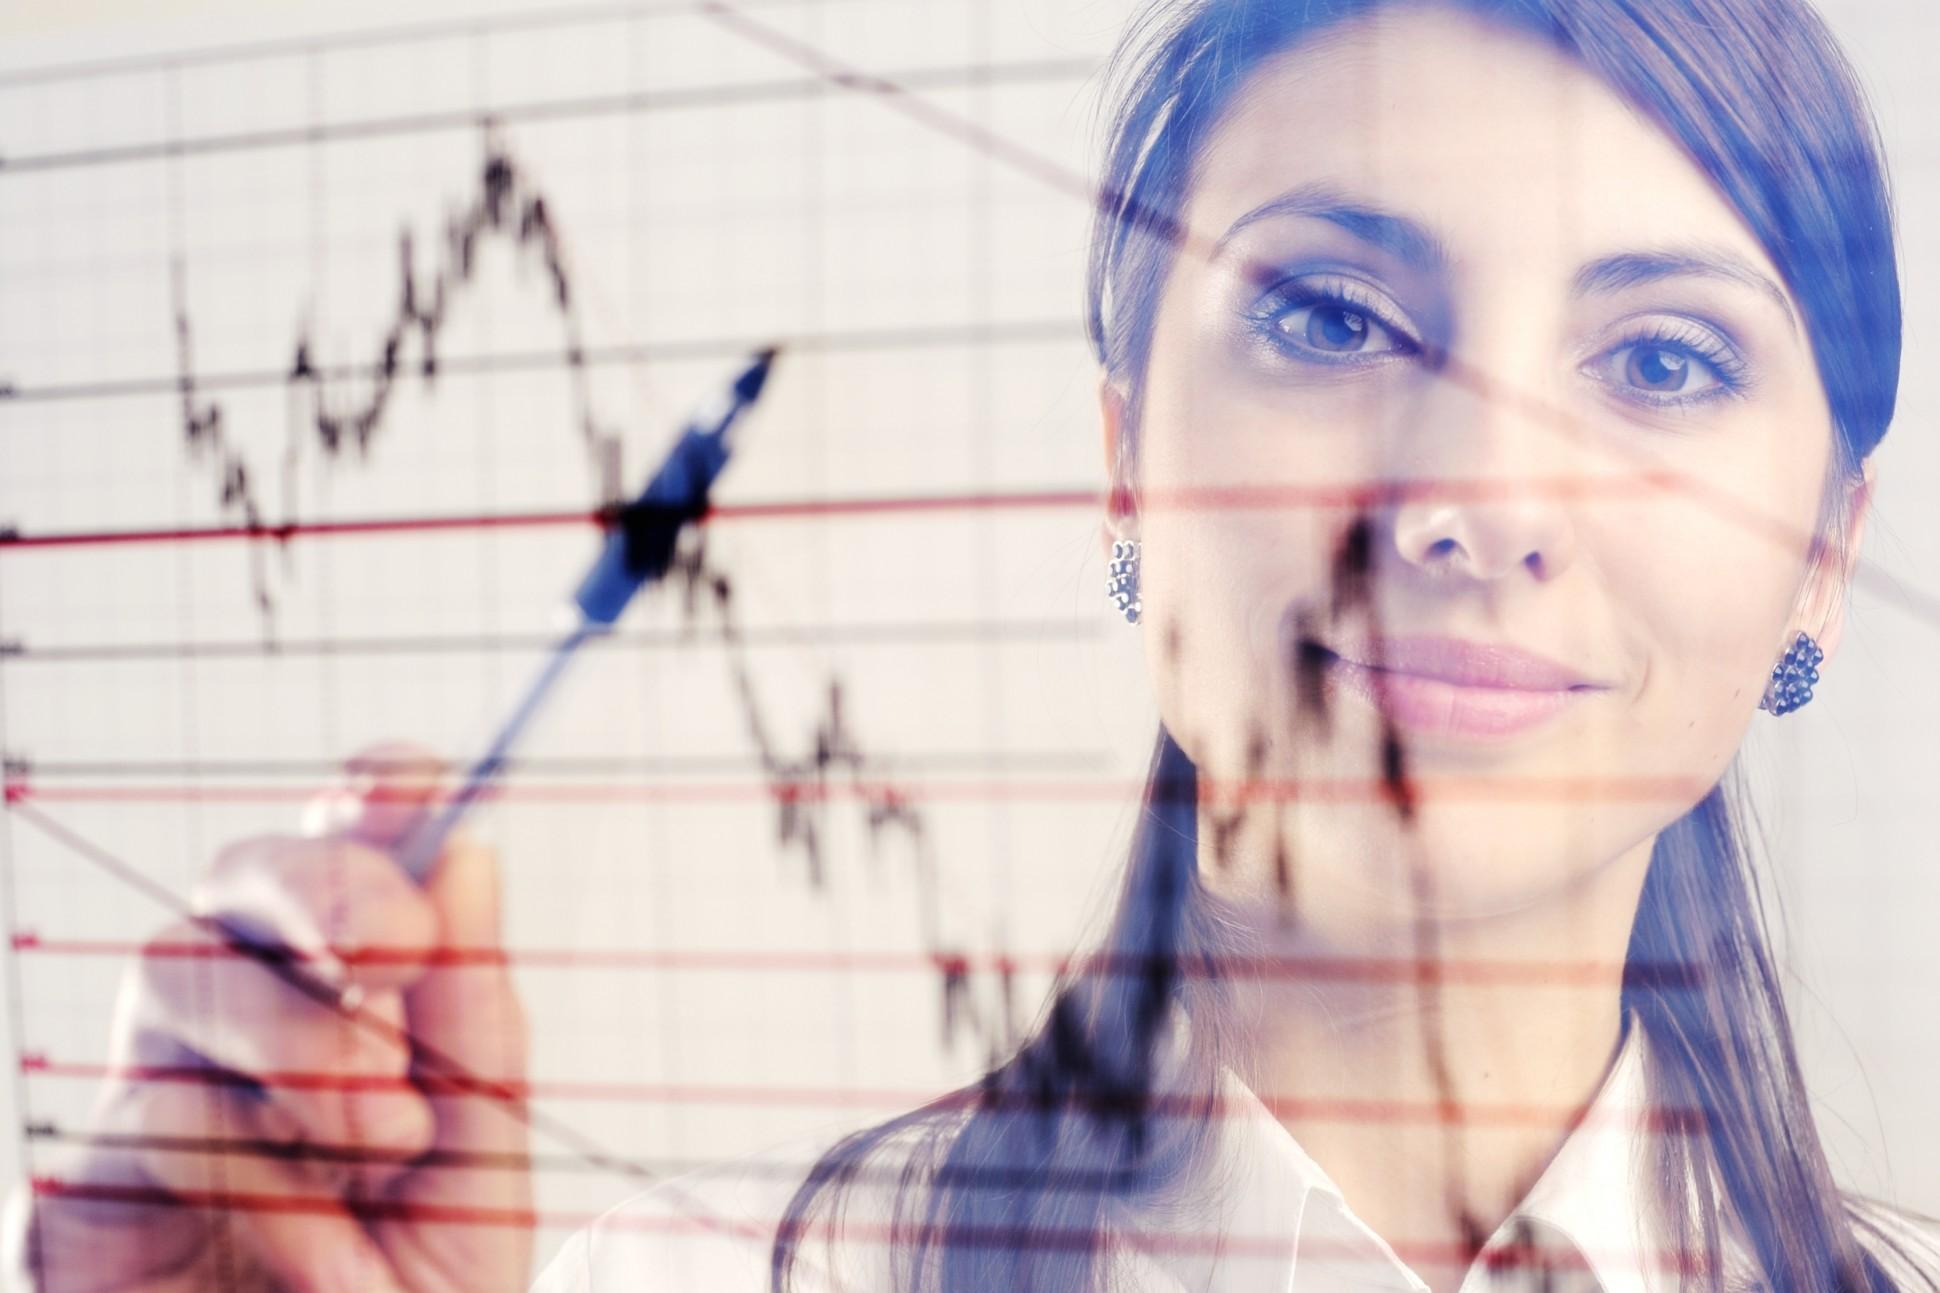 الاستثمارات النسائية في العالم في ازدياد